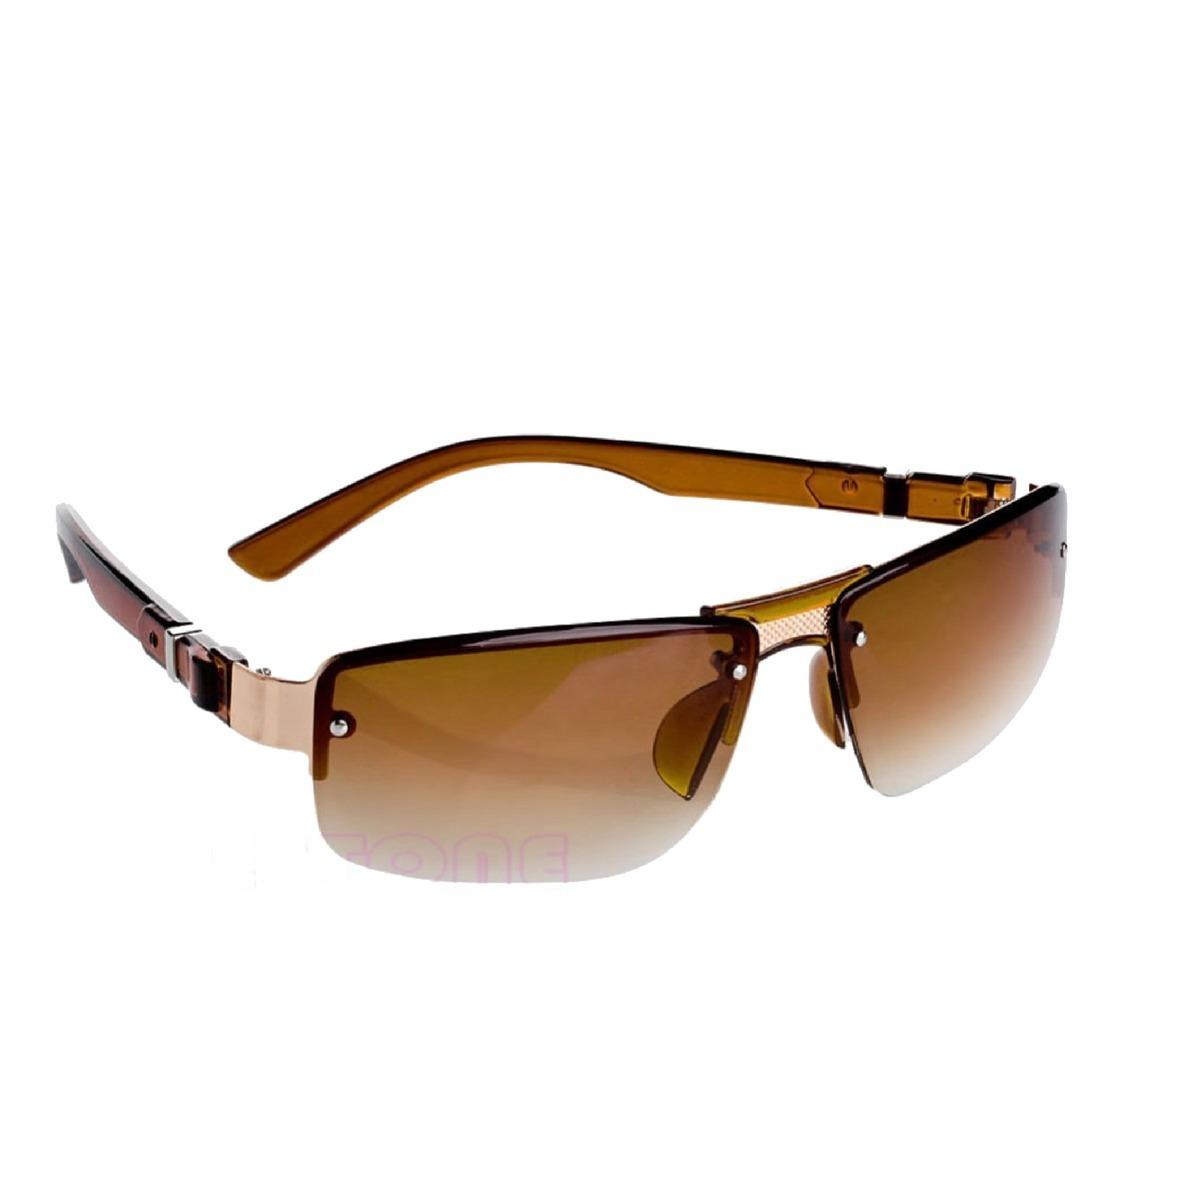 7e0b5f1c20b11 Óculos De Sol Masculinos   Melhor Preço Em Óculos De Sol ! - R  29 ...